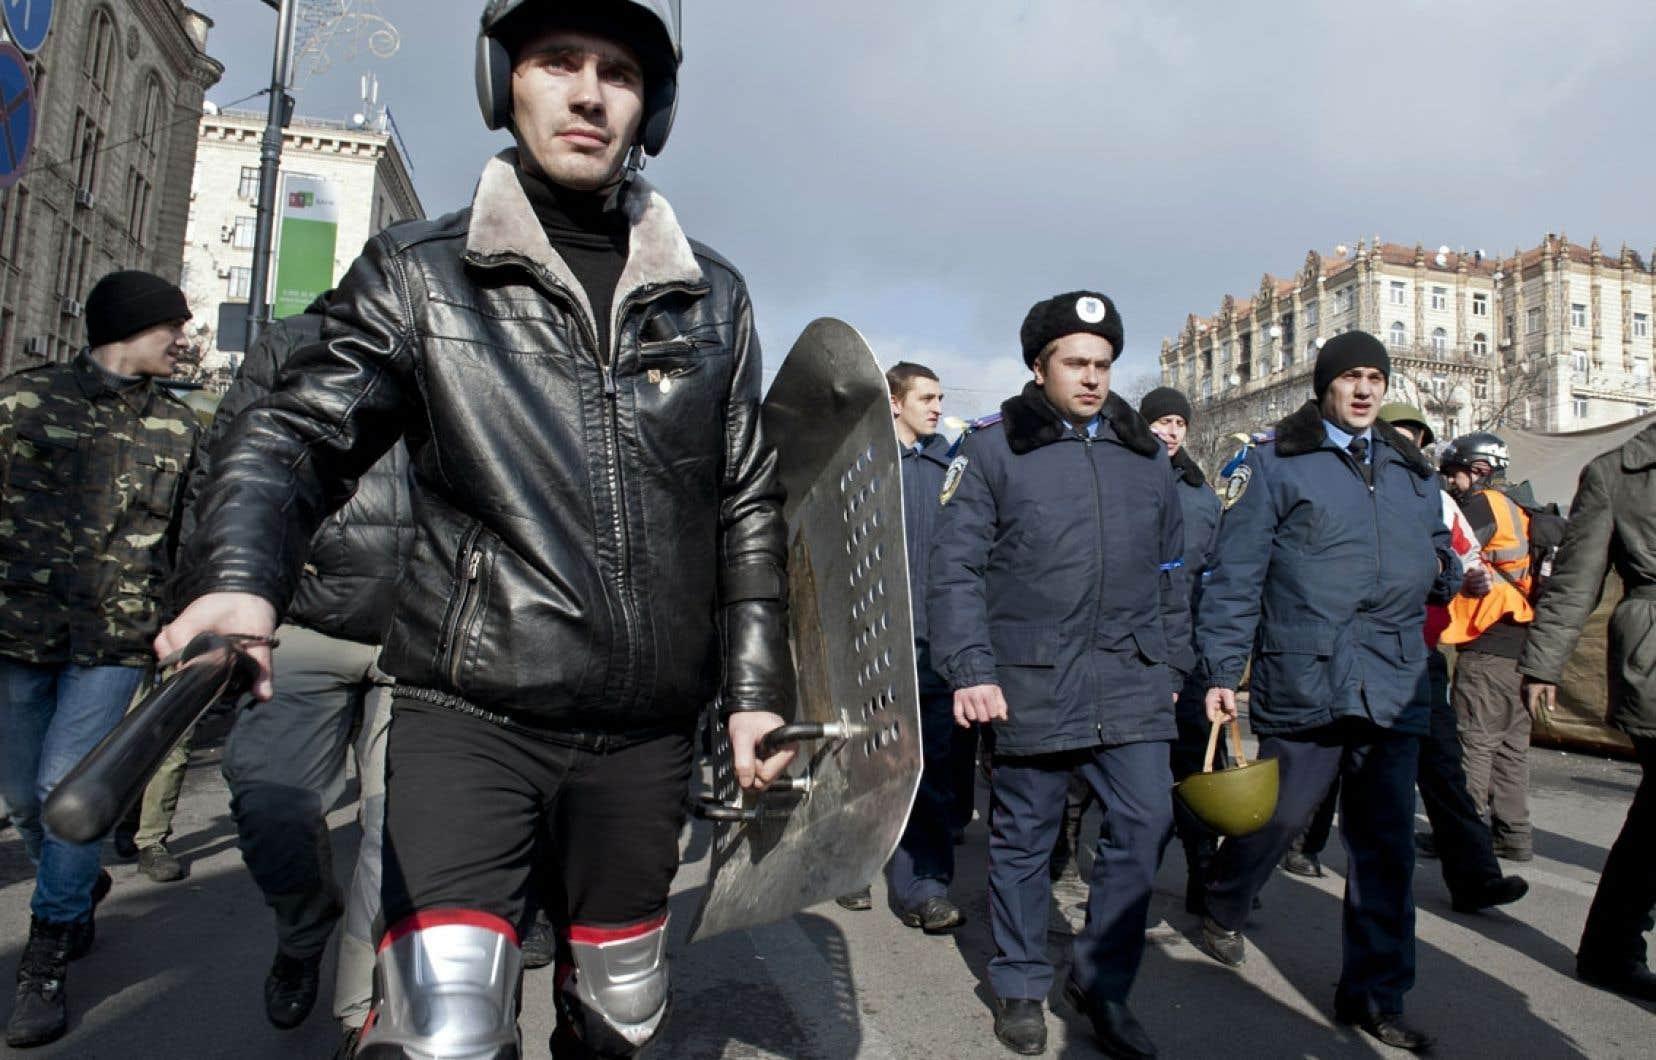 Des policiers de Lviv ayant fait défection se sont joints aux manifestants de Kiev.